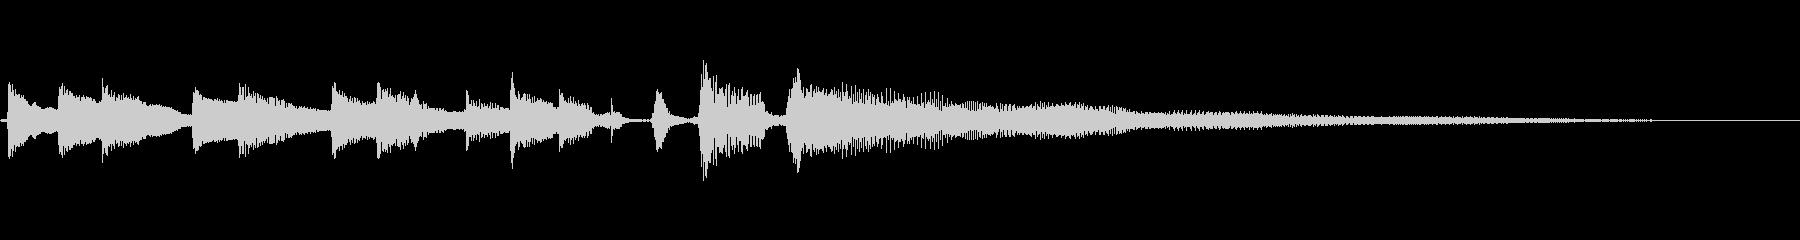 アコギ ブルース 渋い 生演奏の未再生の波形